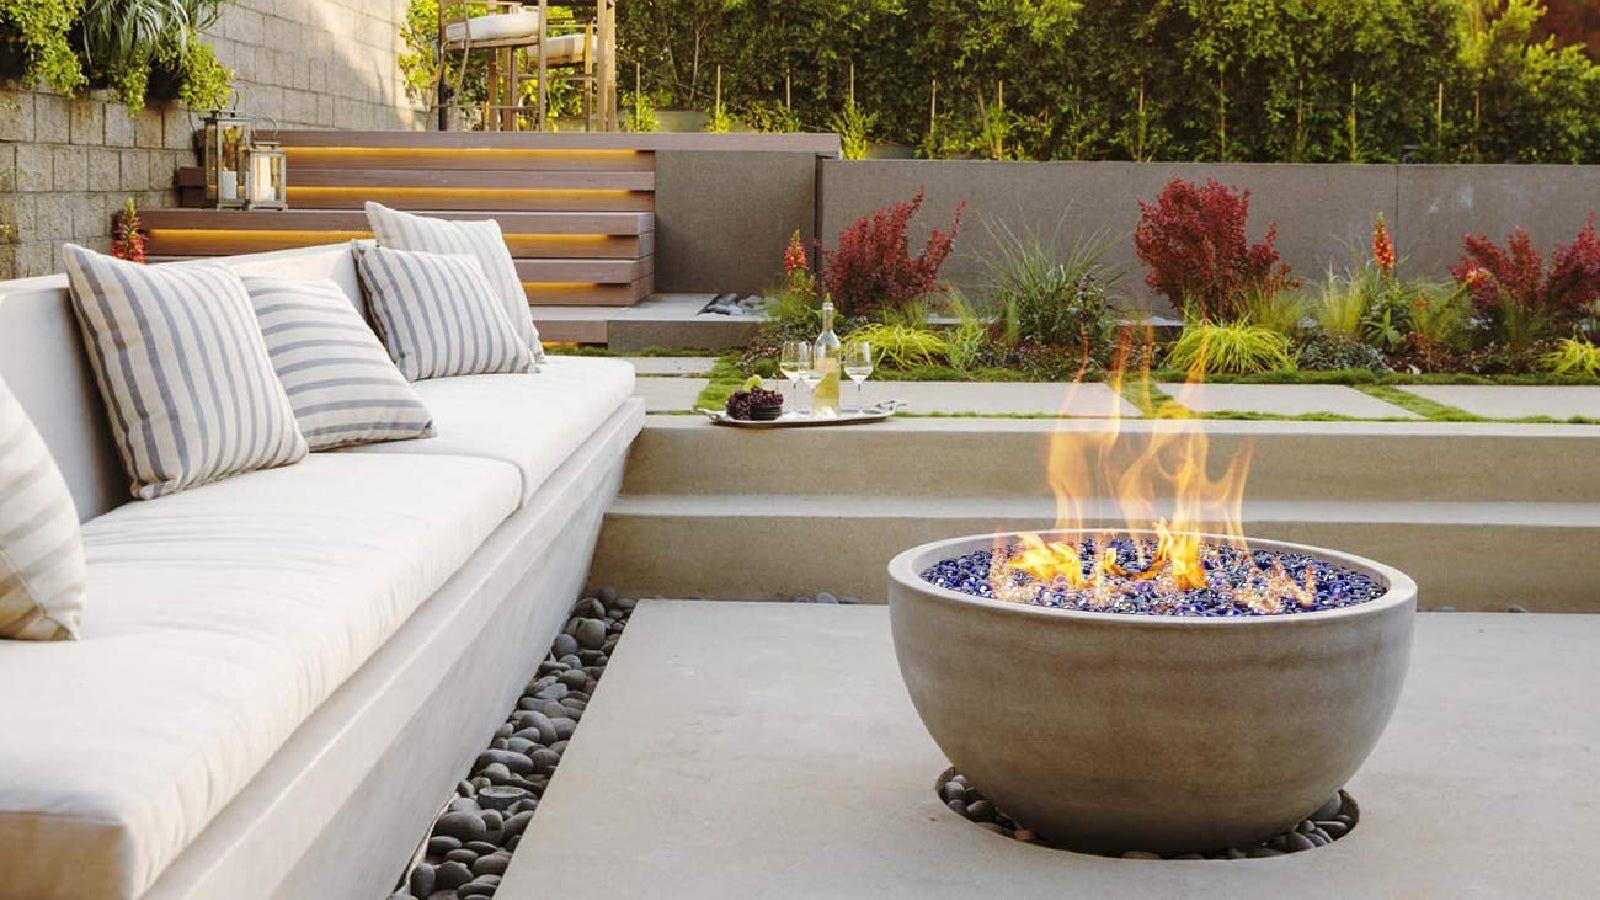 Uma fogueira em forma de tigela cheia de contas de vidro azuis brilhantes feitas por OnlyFire, em um belo pátio dzen cercado por lindas plantas.